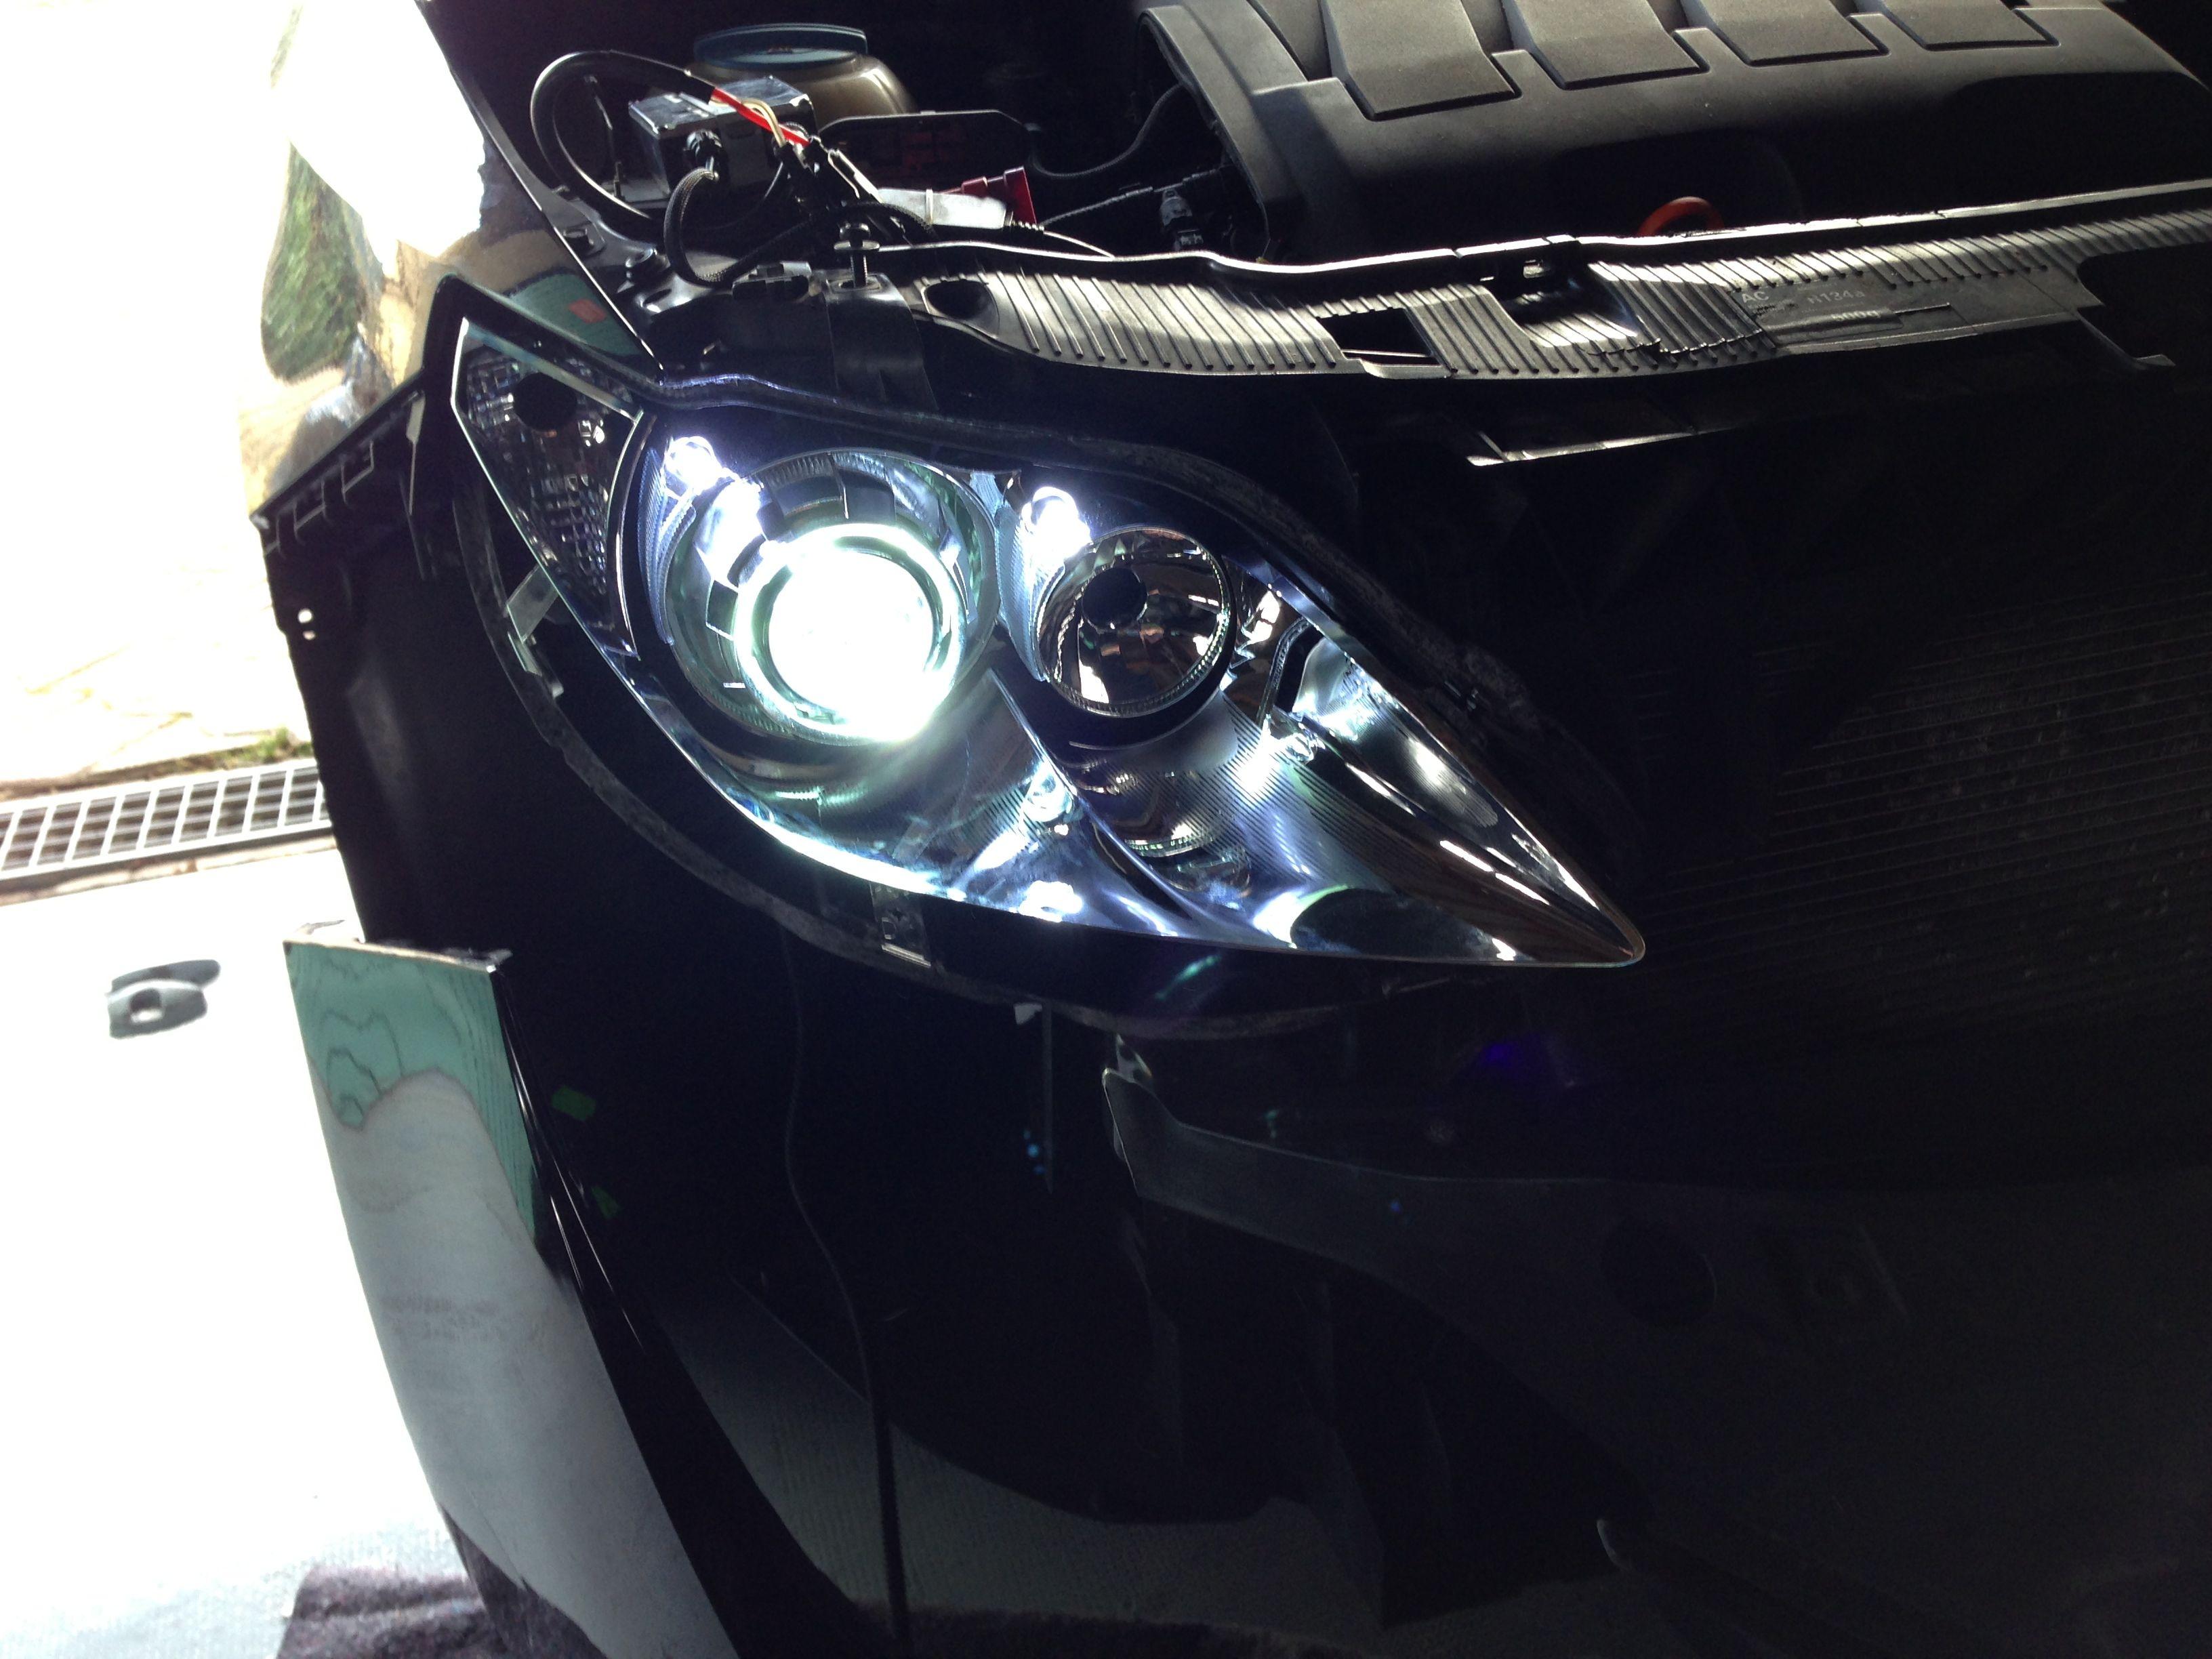 Seat Ibiza 6J Bi-xenon projector installation